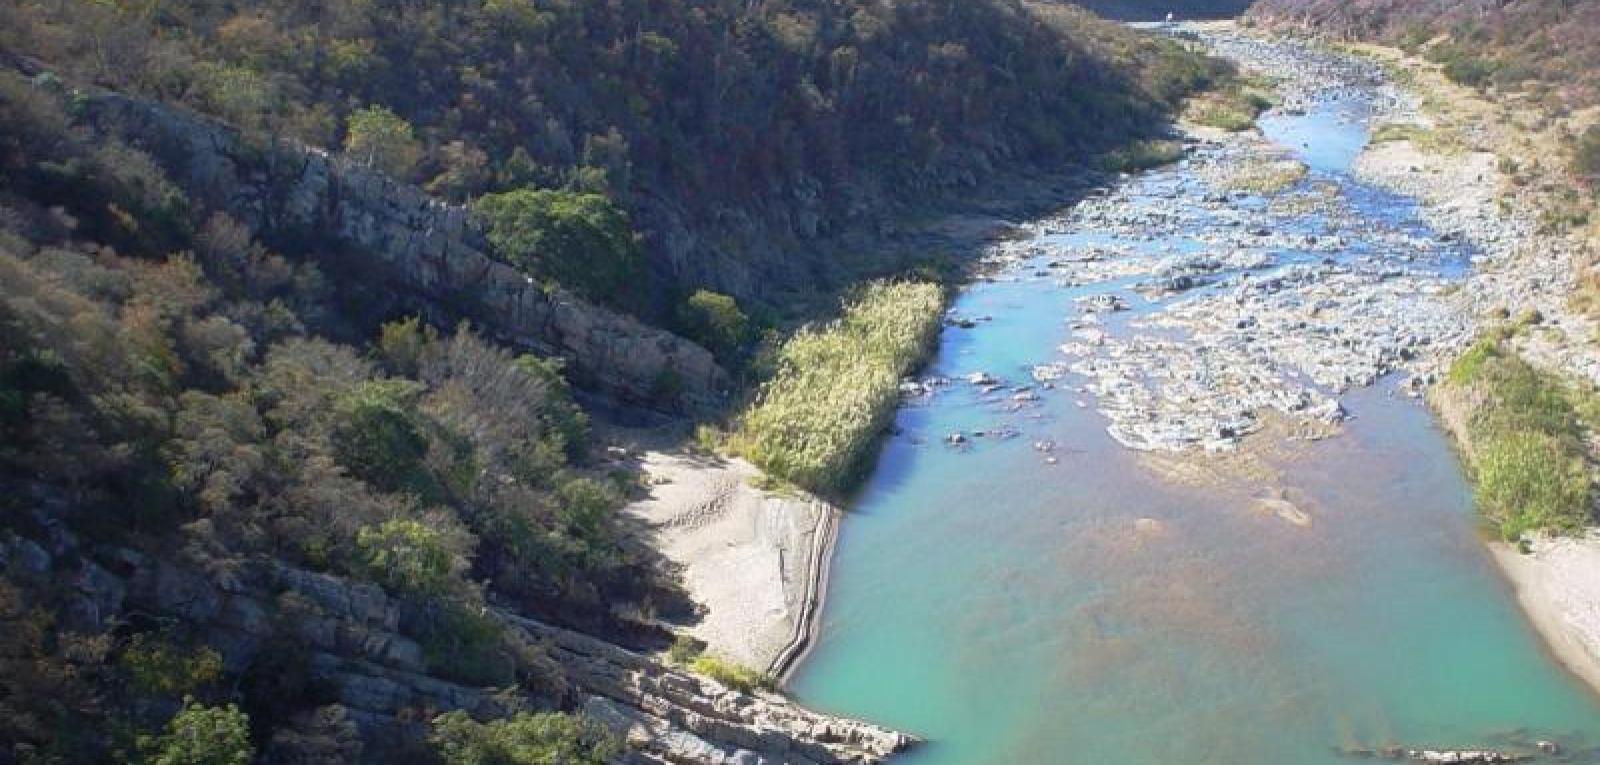 Геологи виявили найдавніше джерело кисню на Землі